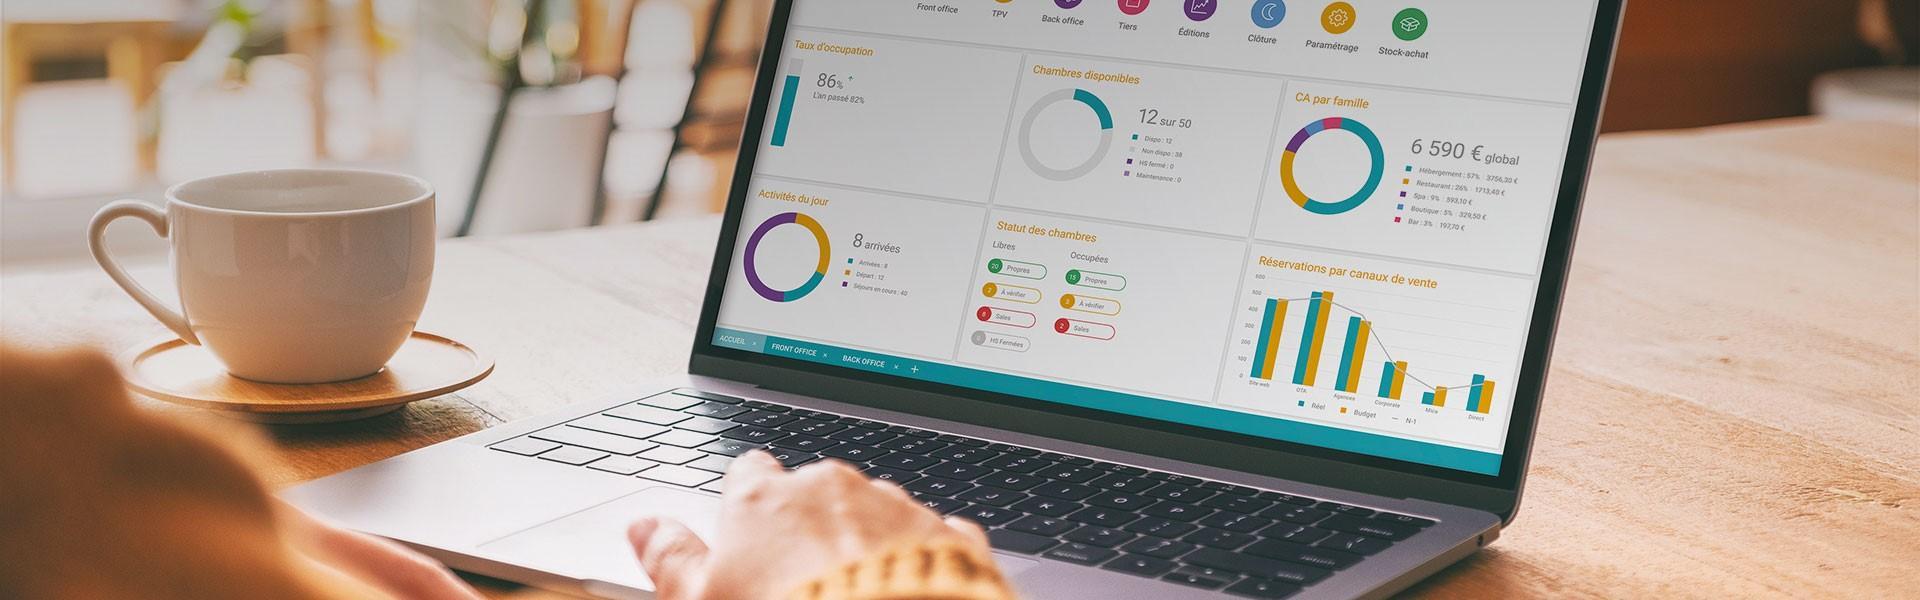 Avis Asterio : PMS Cloud, Booking Engine et Channel Manager natif integré - Appvizer